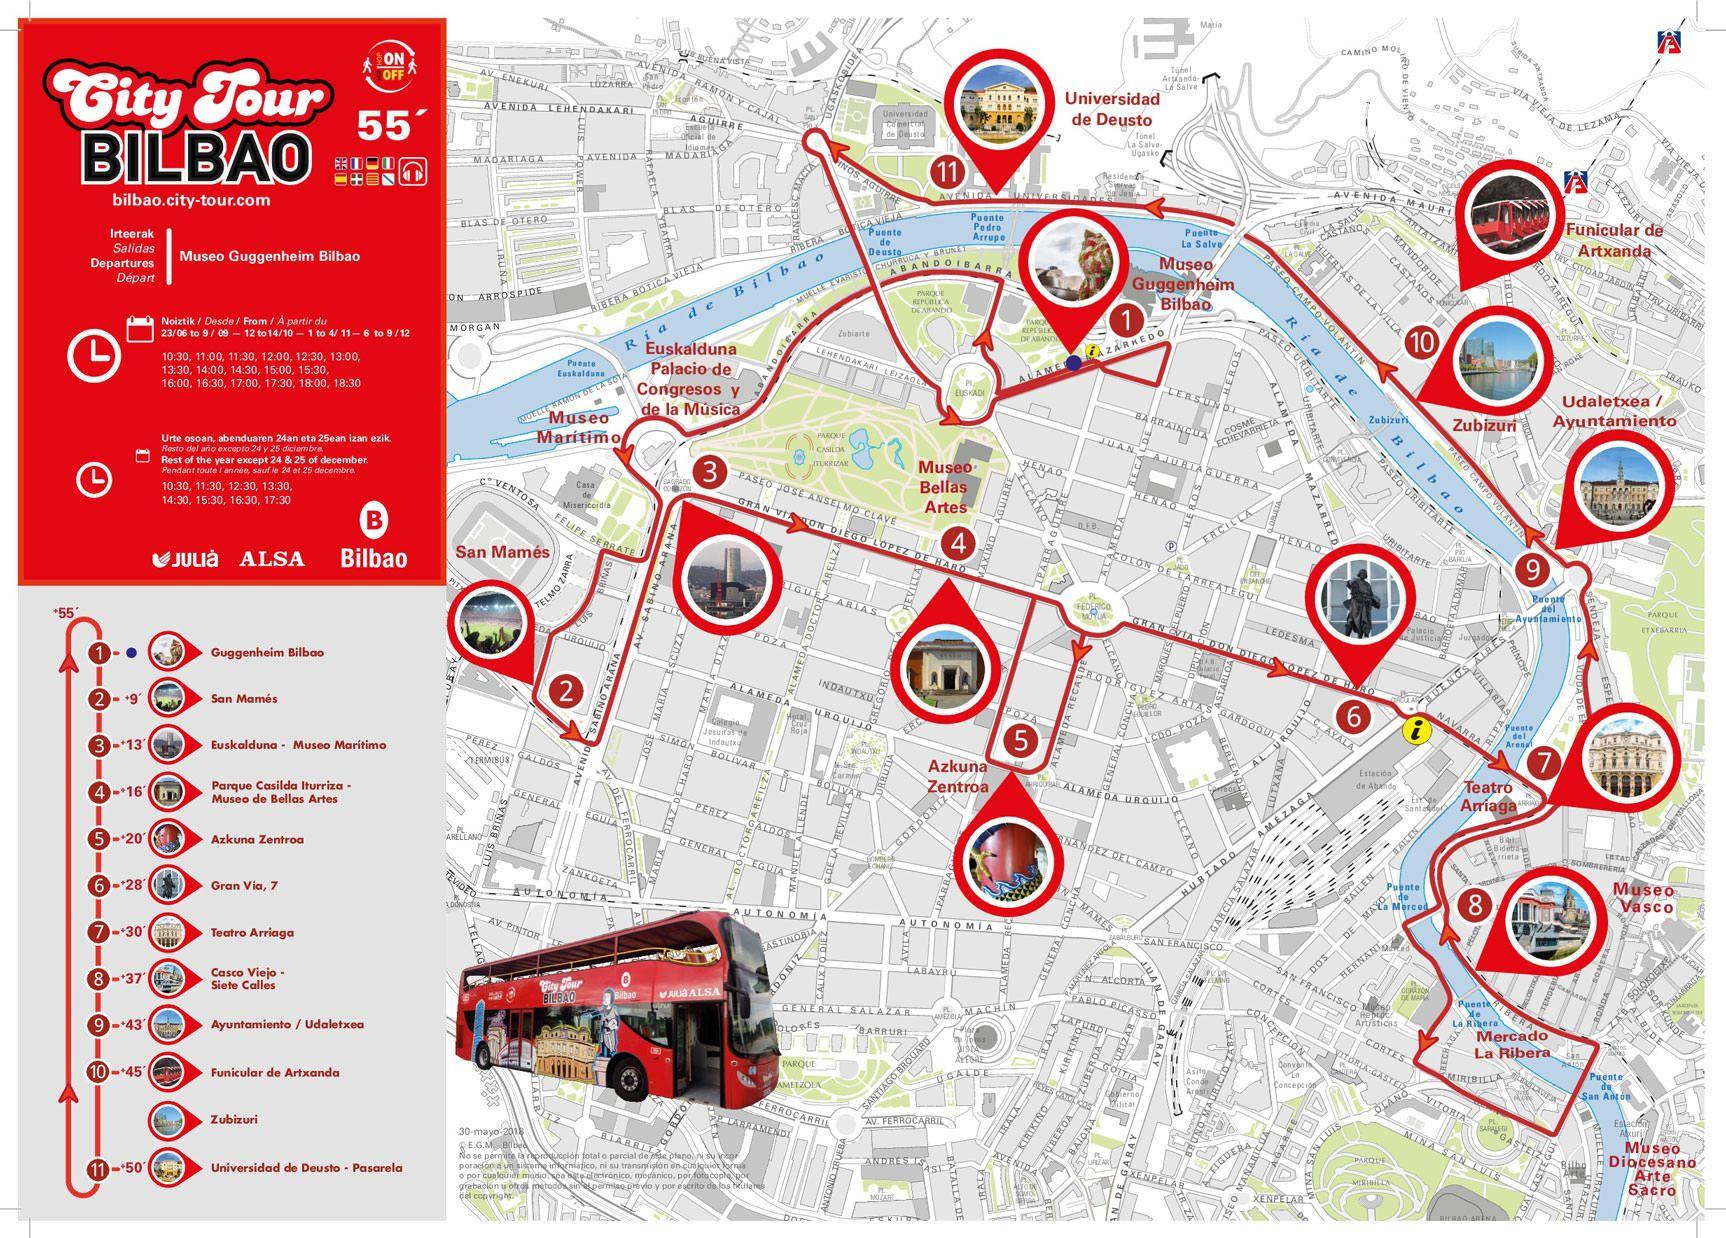 Bus Turistico Bilbao Visita La Ciudad Al Estilo Londinense Guia